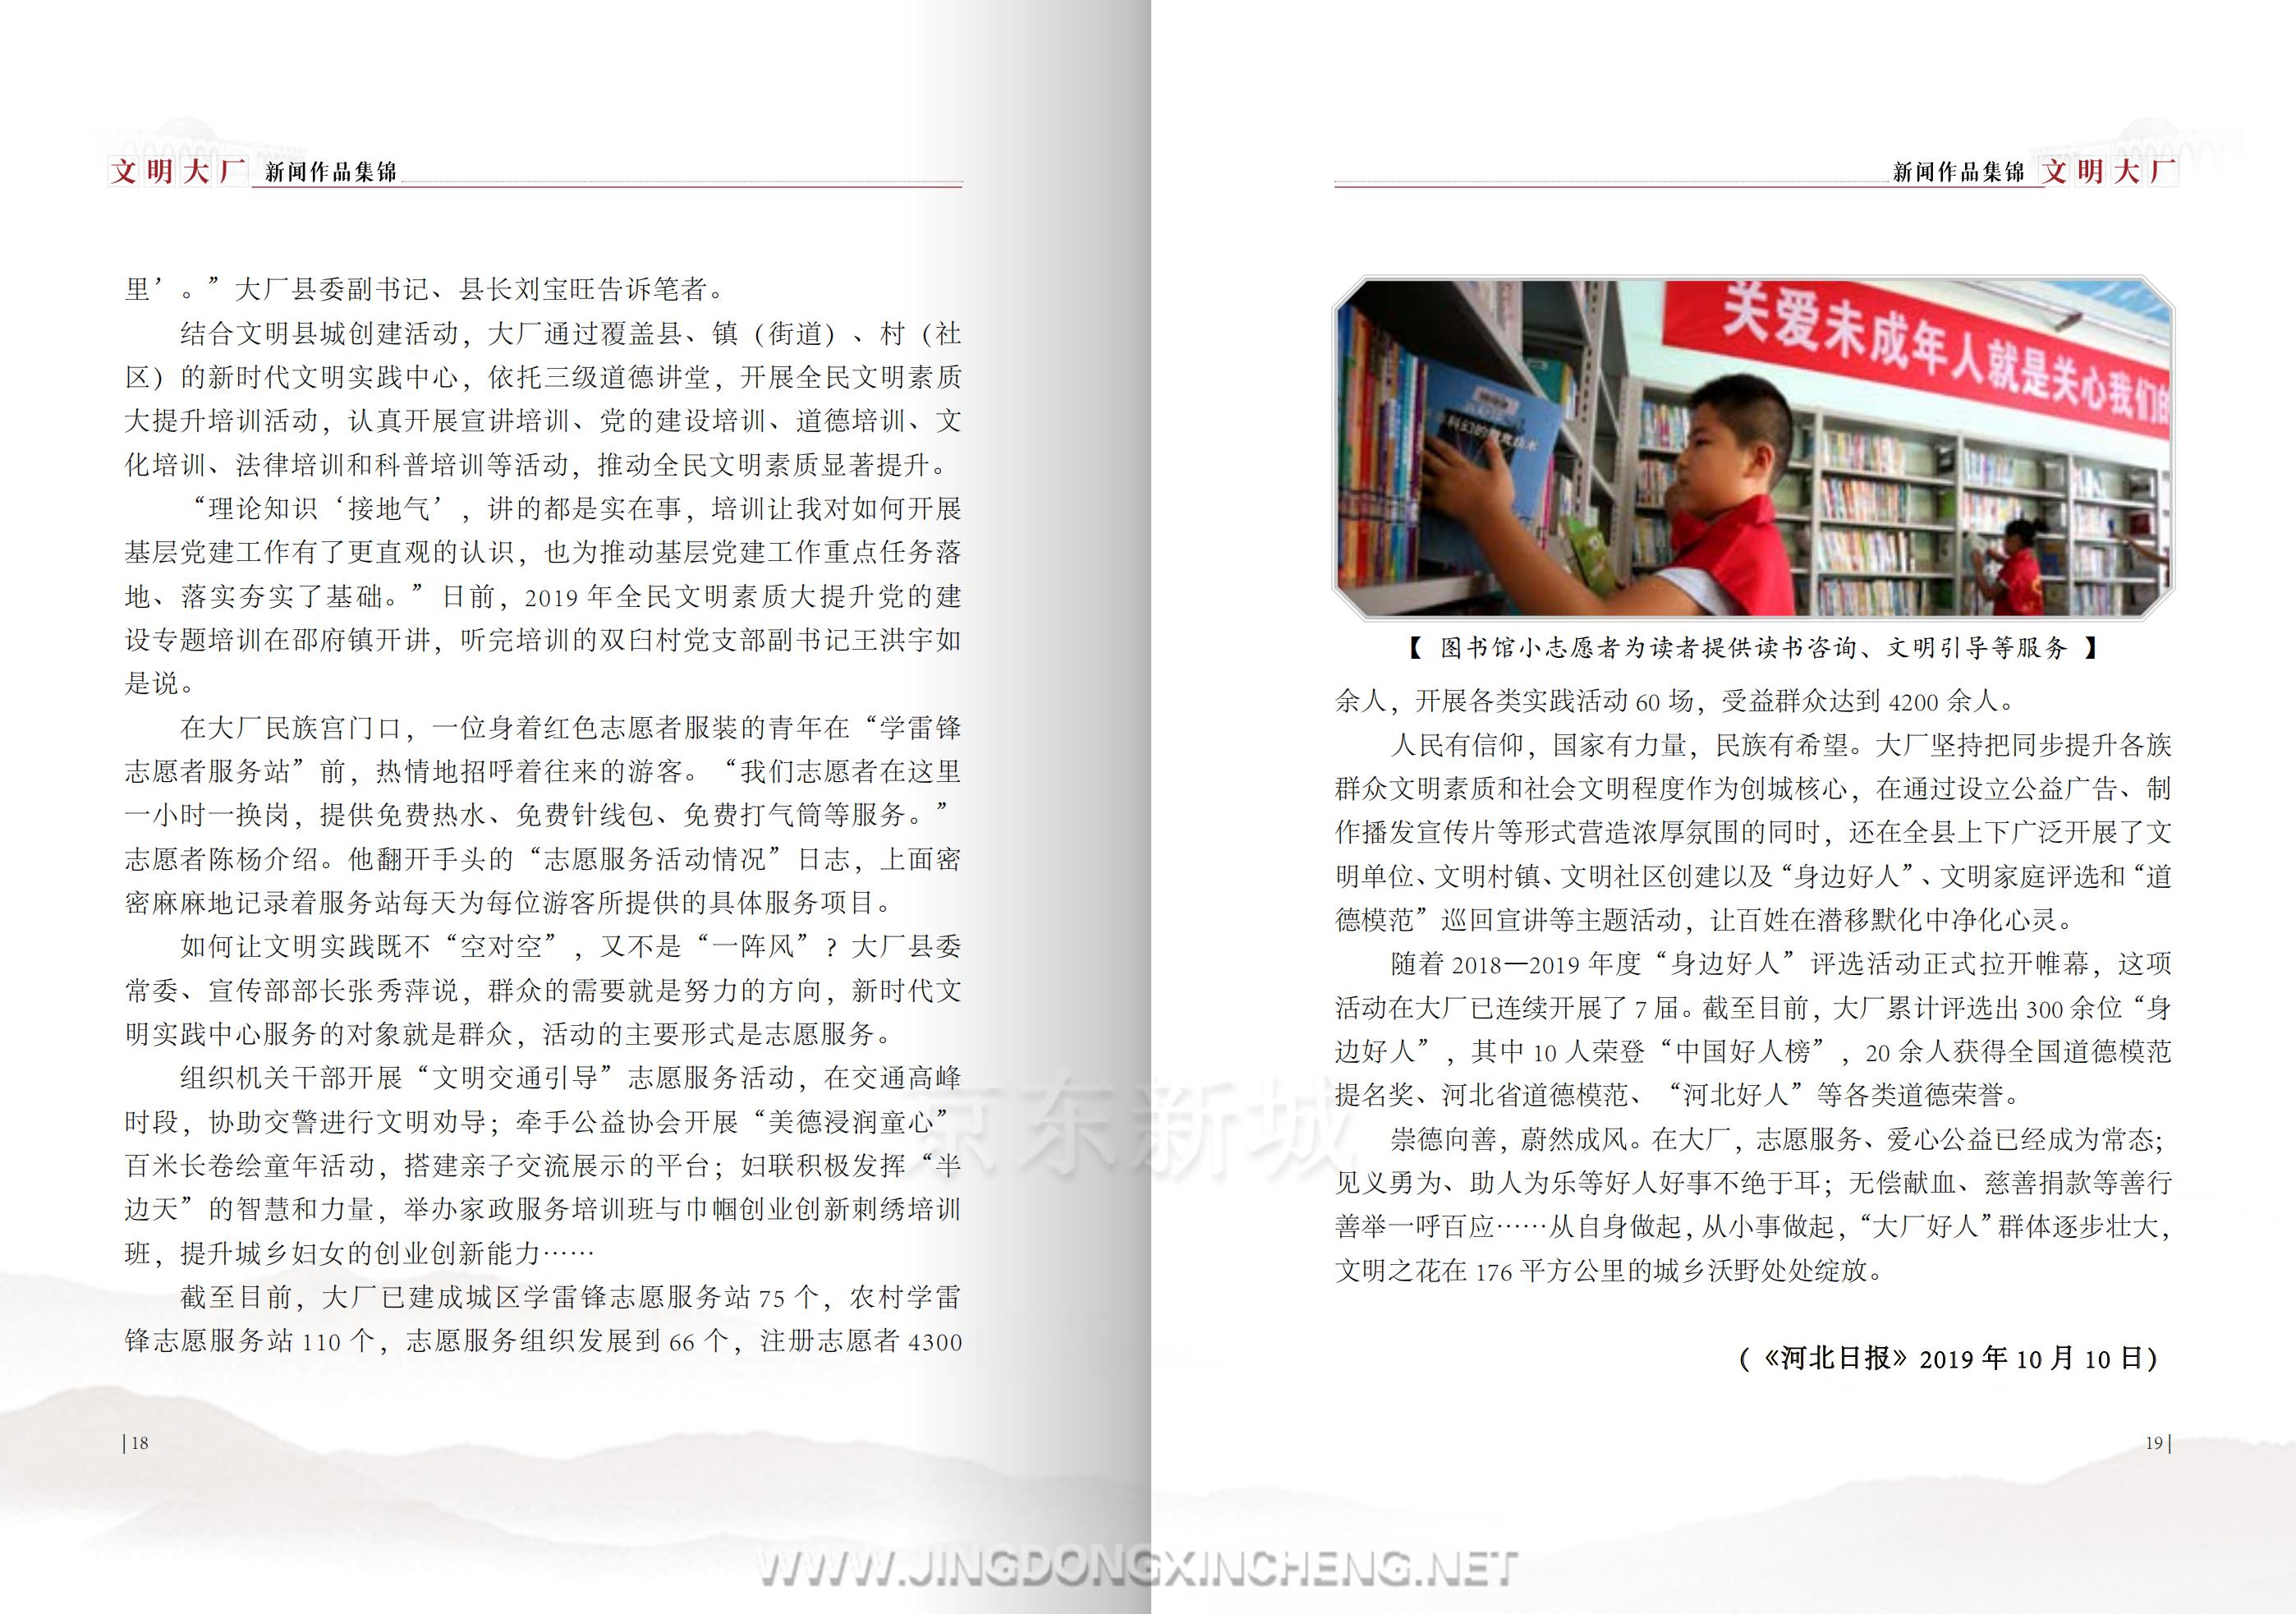 文明大厂书籍-定稿-上传版_13.png